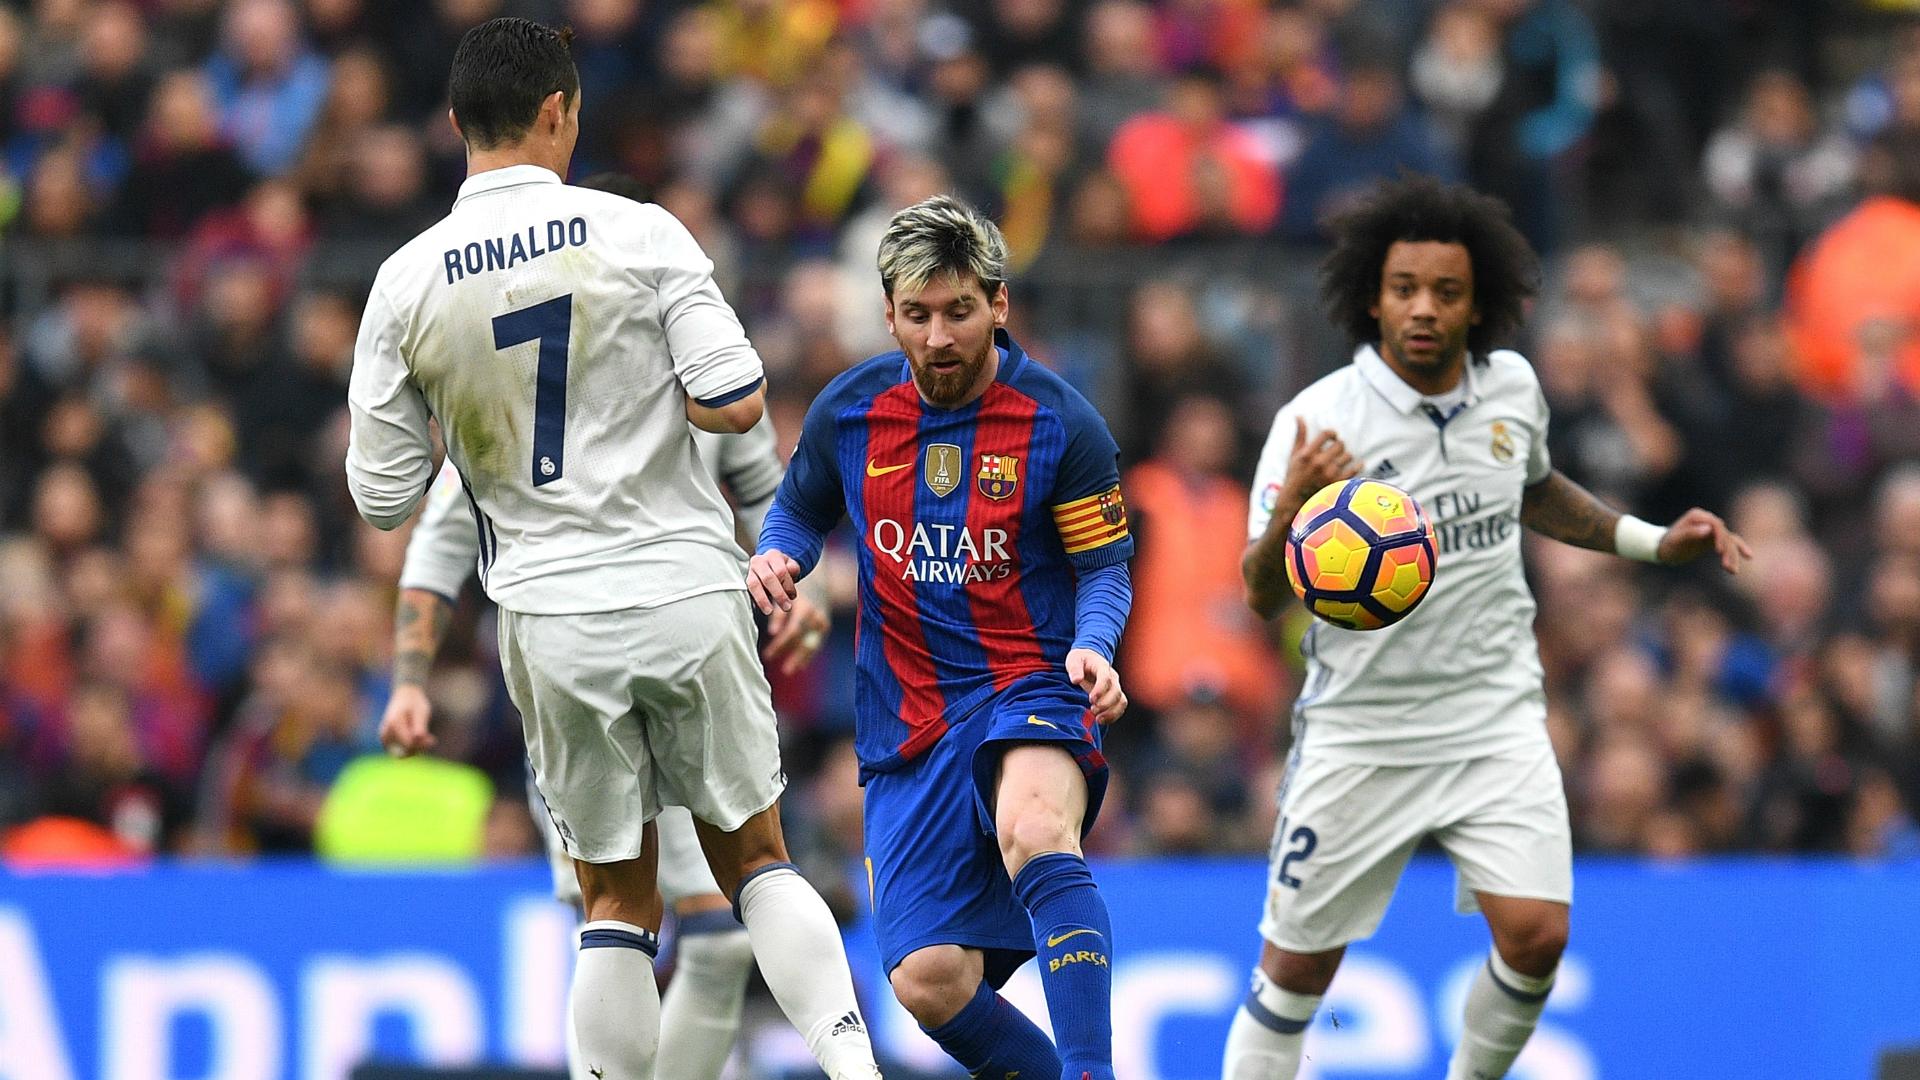 Marcelo Lionel Messi Cristiano Ronaldo Barcelona Real Madrid La Liga